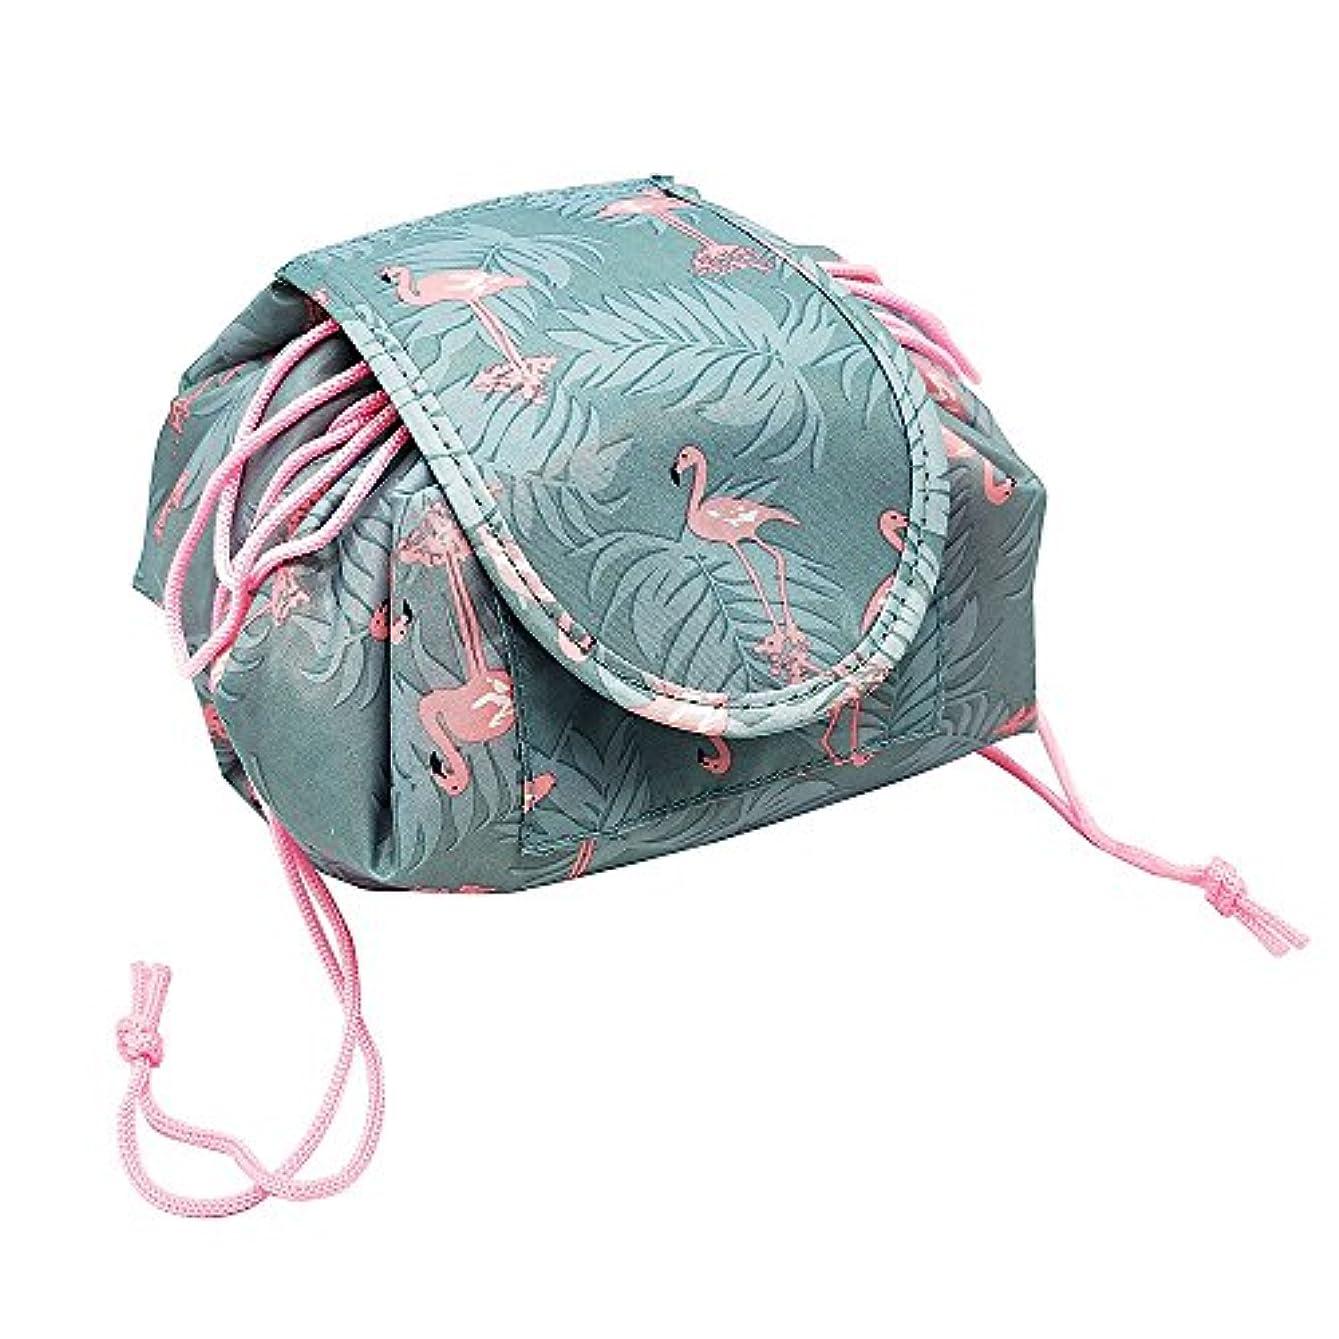 ページェントユーモアお金YOE(ヨイ) 化粧ポーチ 巾着型 メイクポーチ 化粧品収納 ボックス メイクバッグ コスメ収納 ポーチ レディース (フリーサイズ, フラミンゴ)